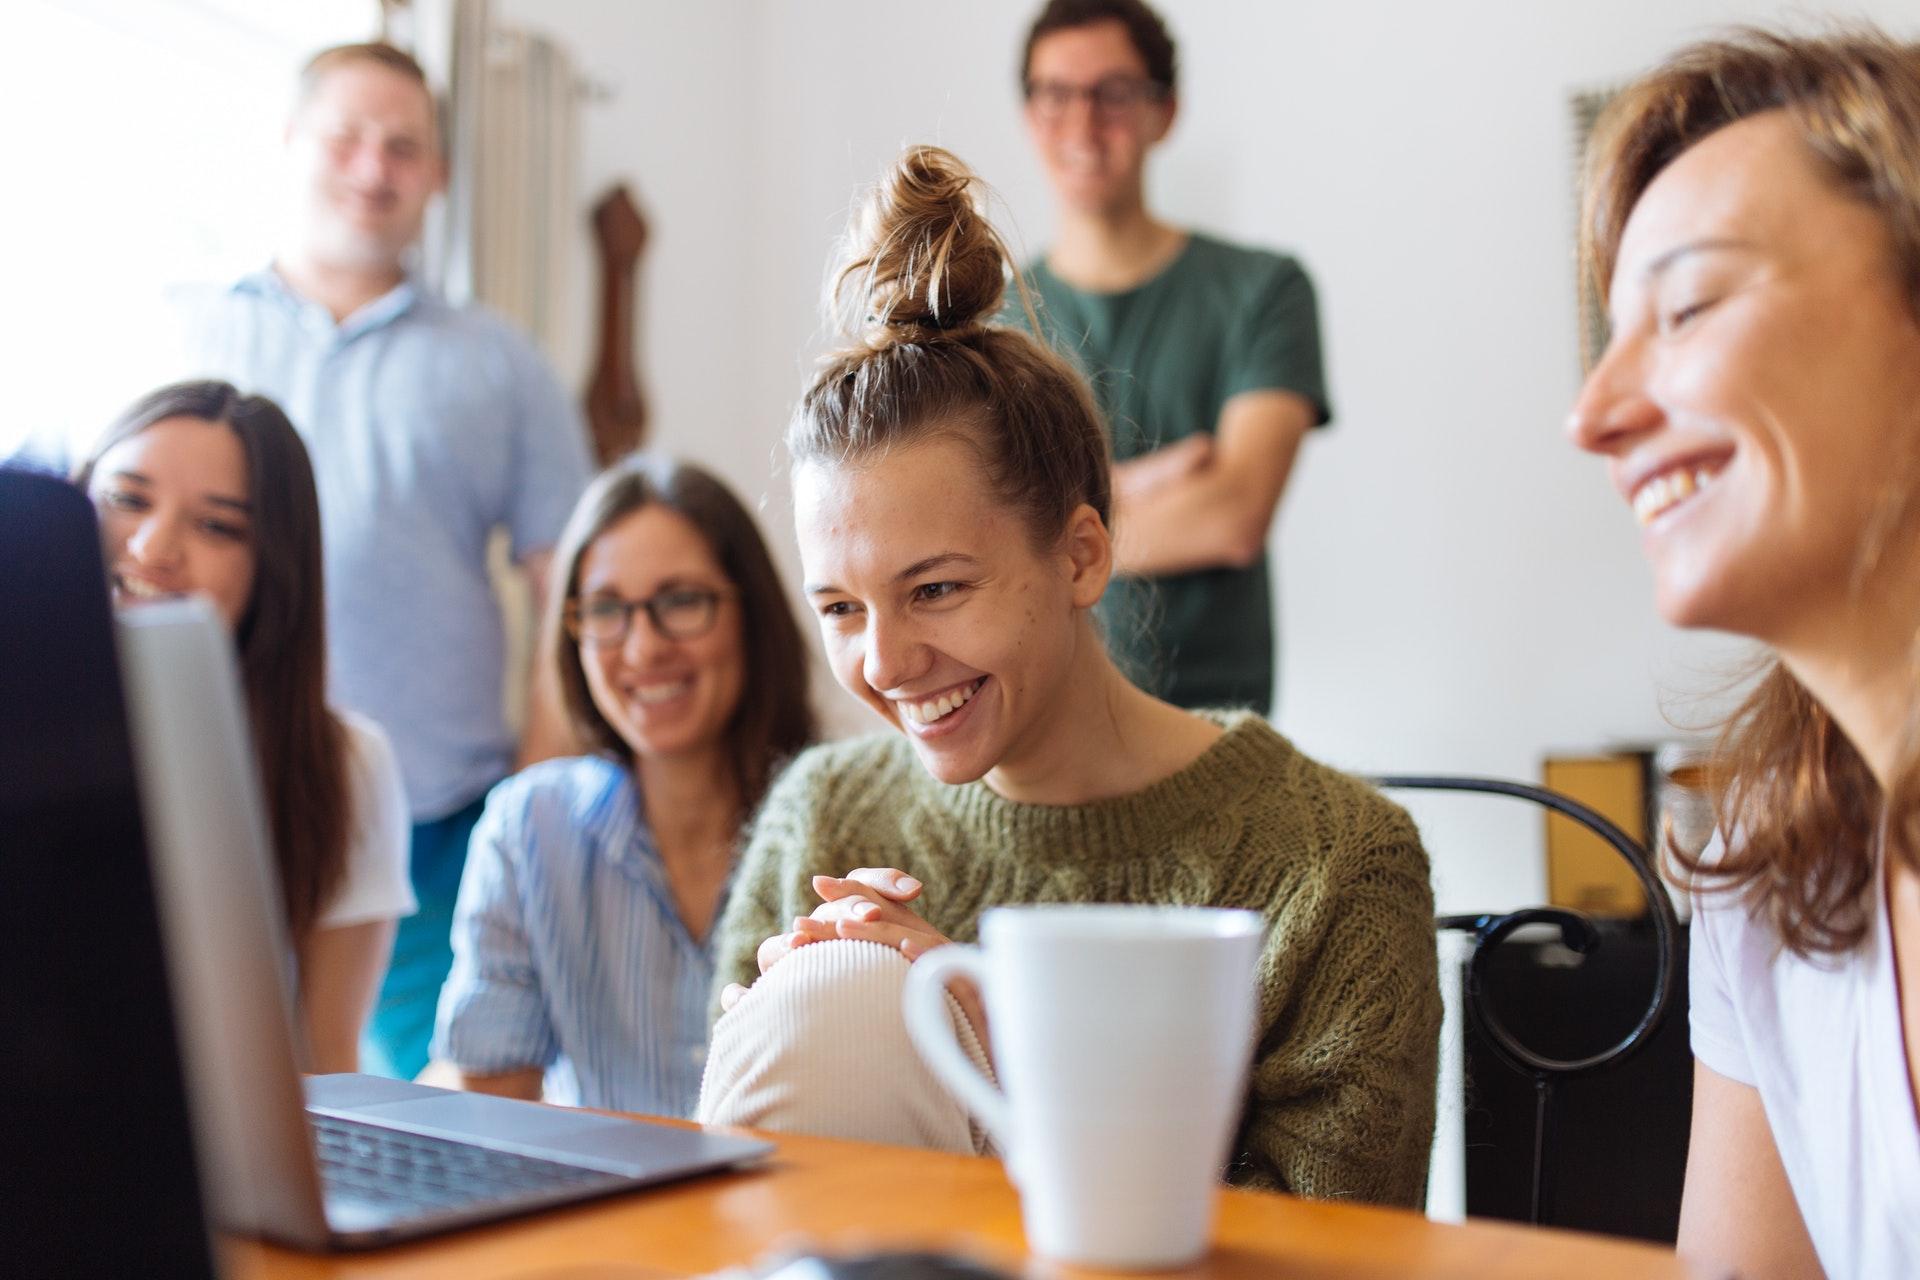 People smiling at laptop